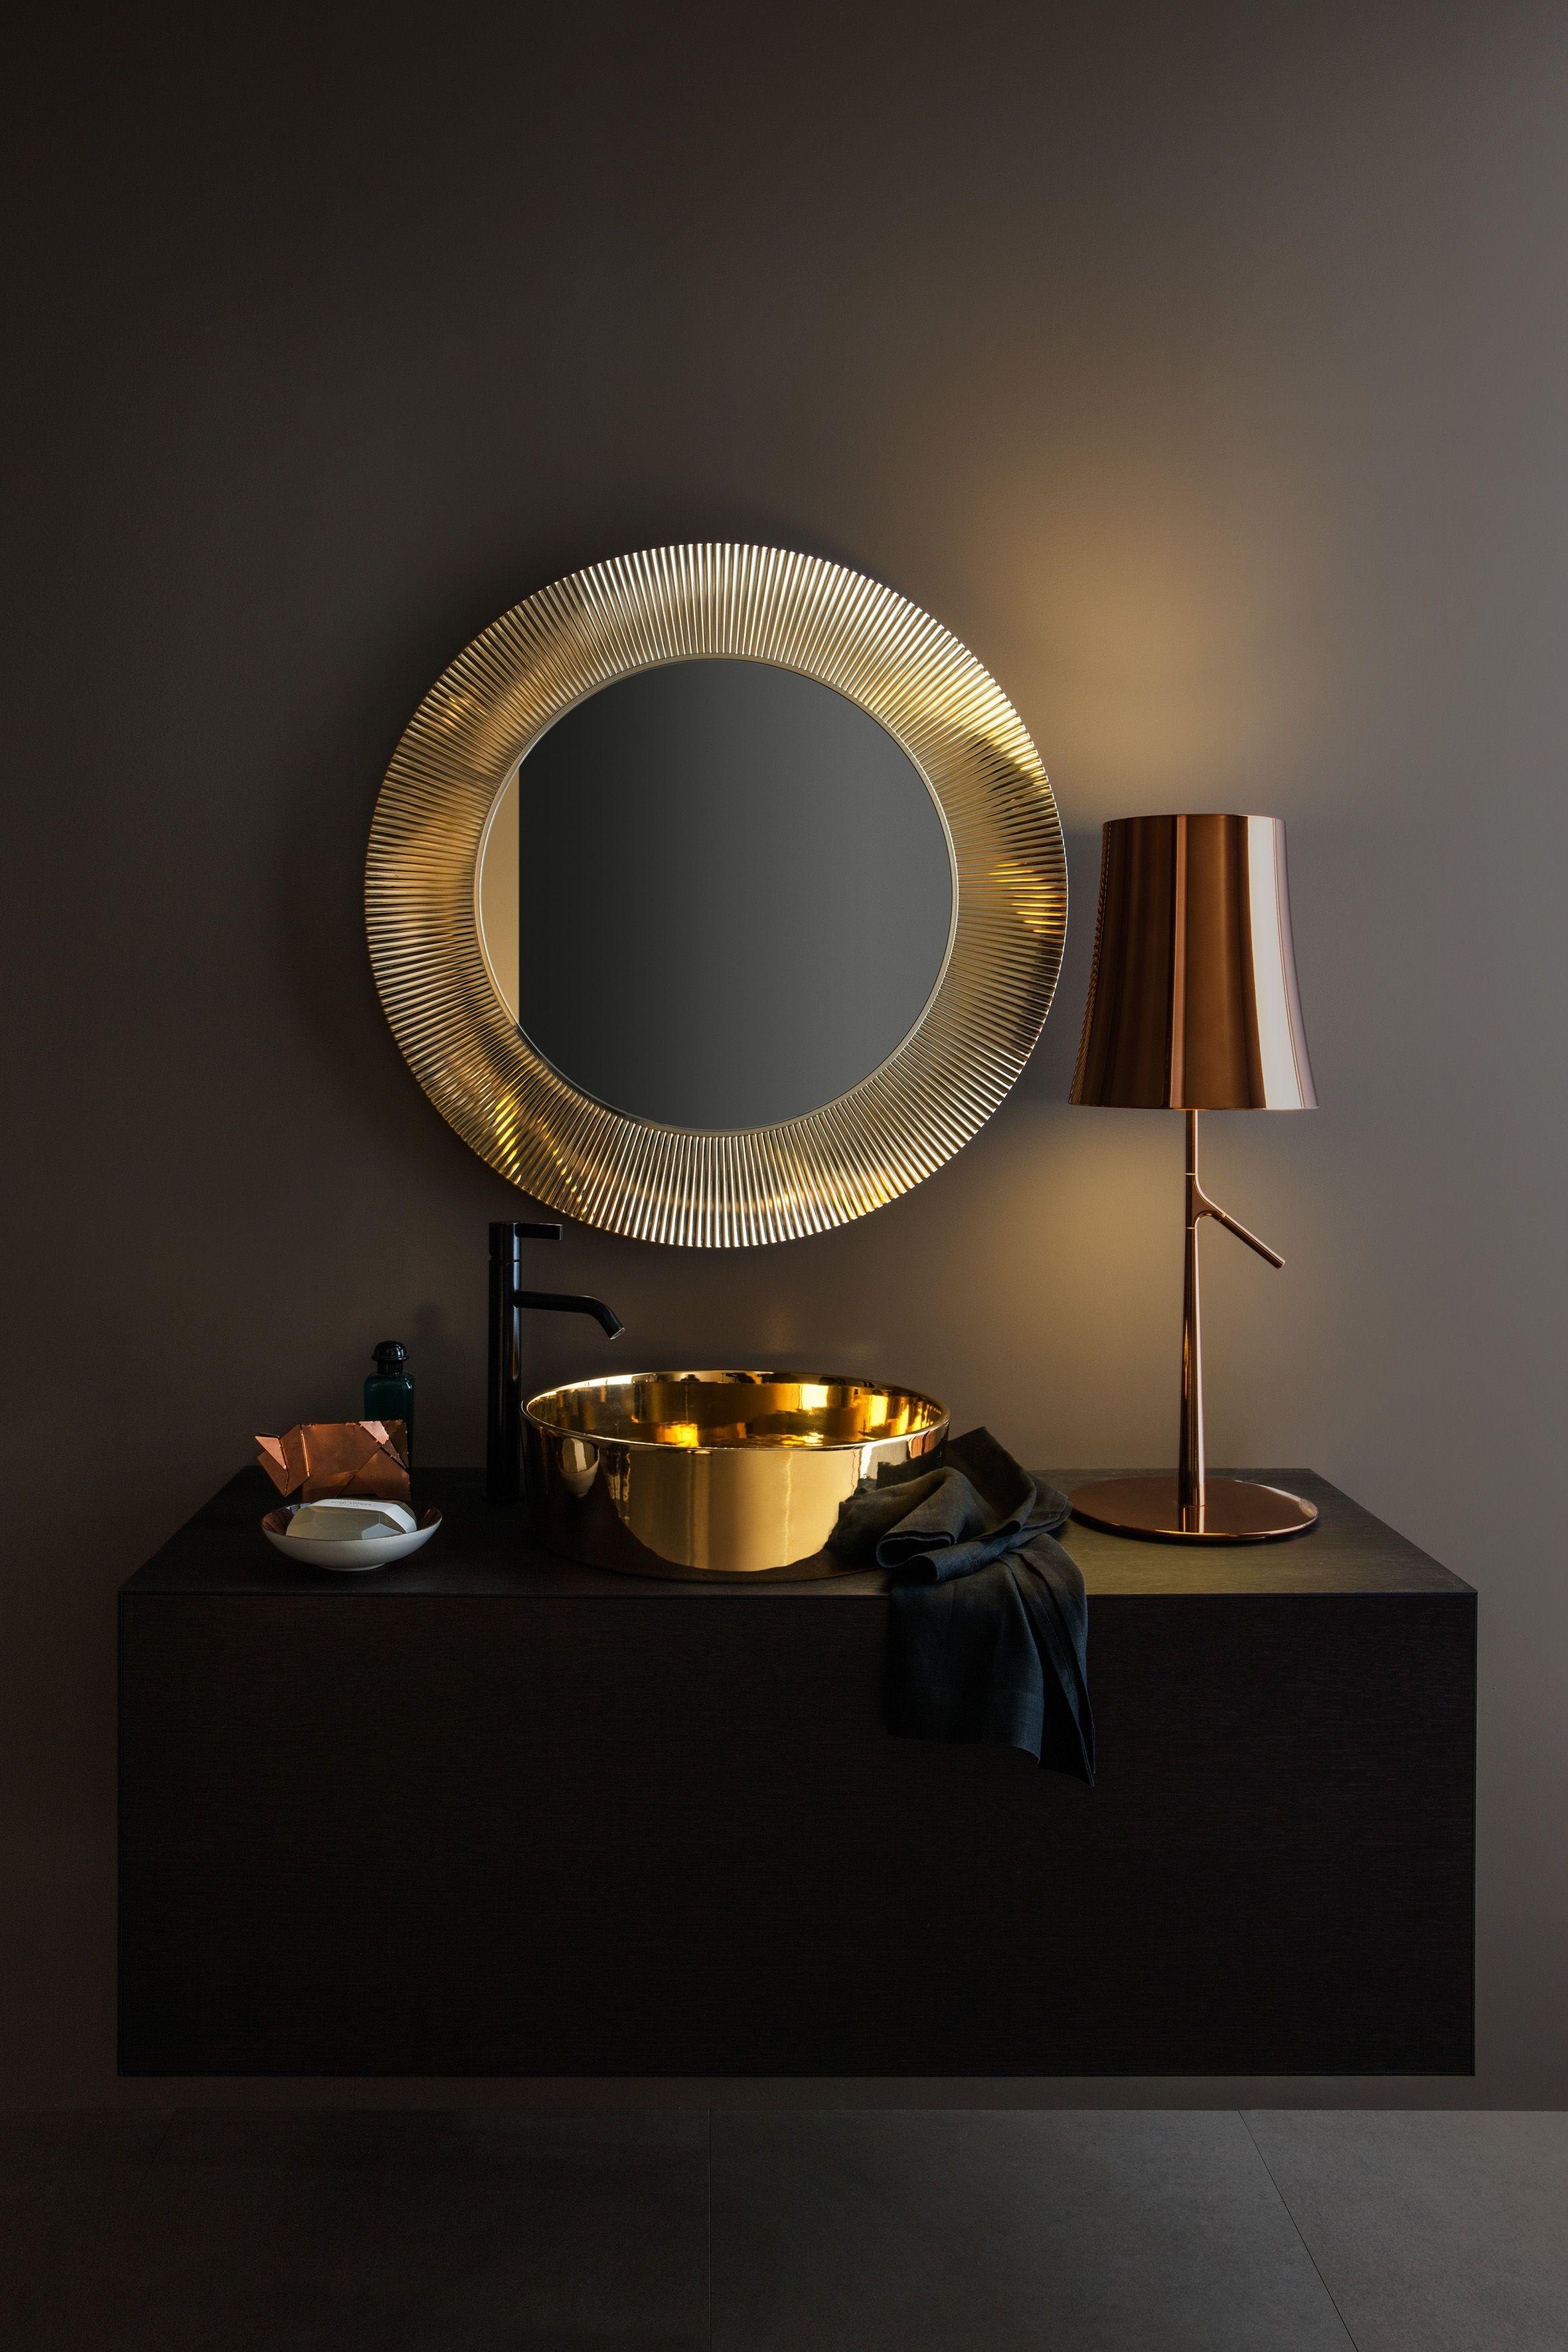 Salle De Bain Kartell By Laufen Vasque Et Miroir Coloris Or Meuble Wenge Au Show Room David B A Paris Mirror Designs Mirror Frames Design